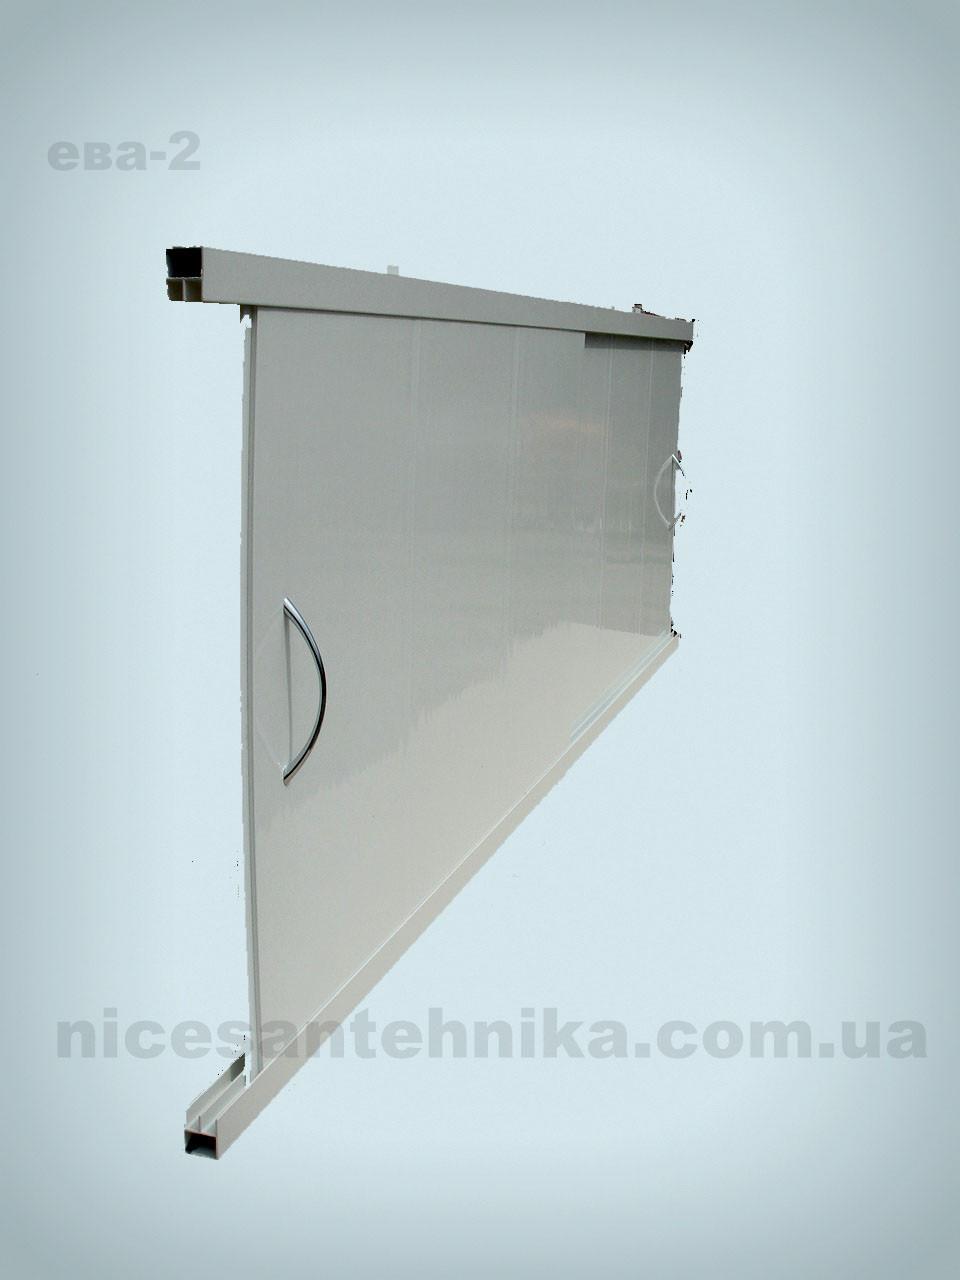 Экран для ванны алюминиевый 170*55 см. ЕВА-2